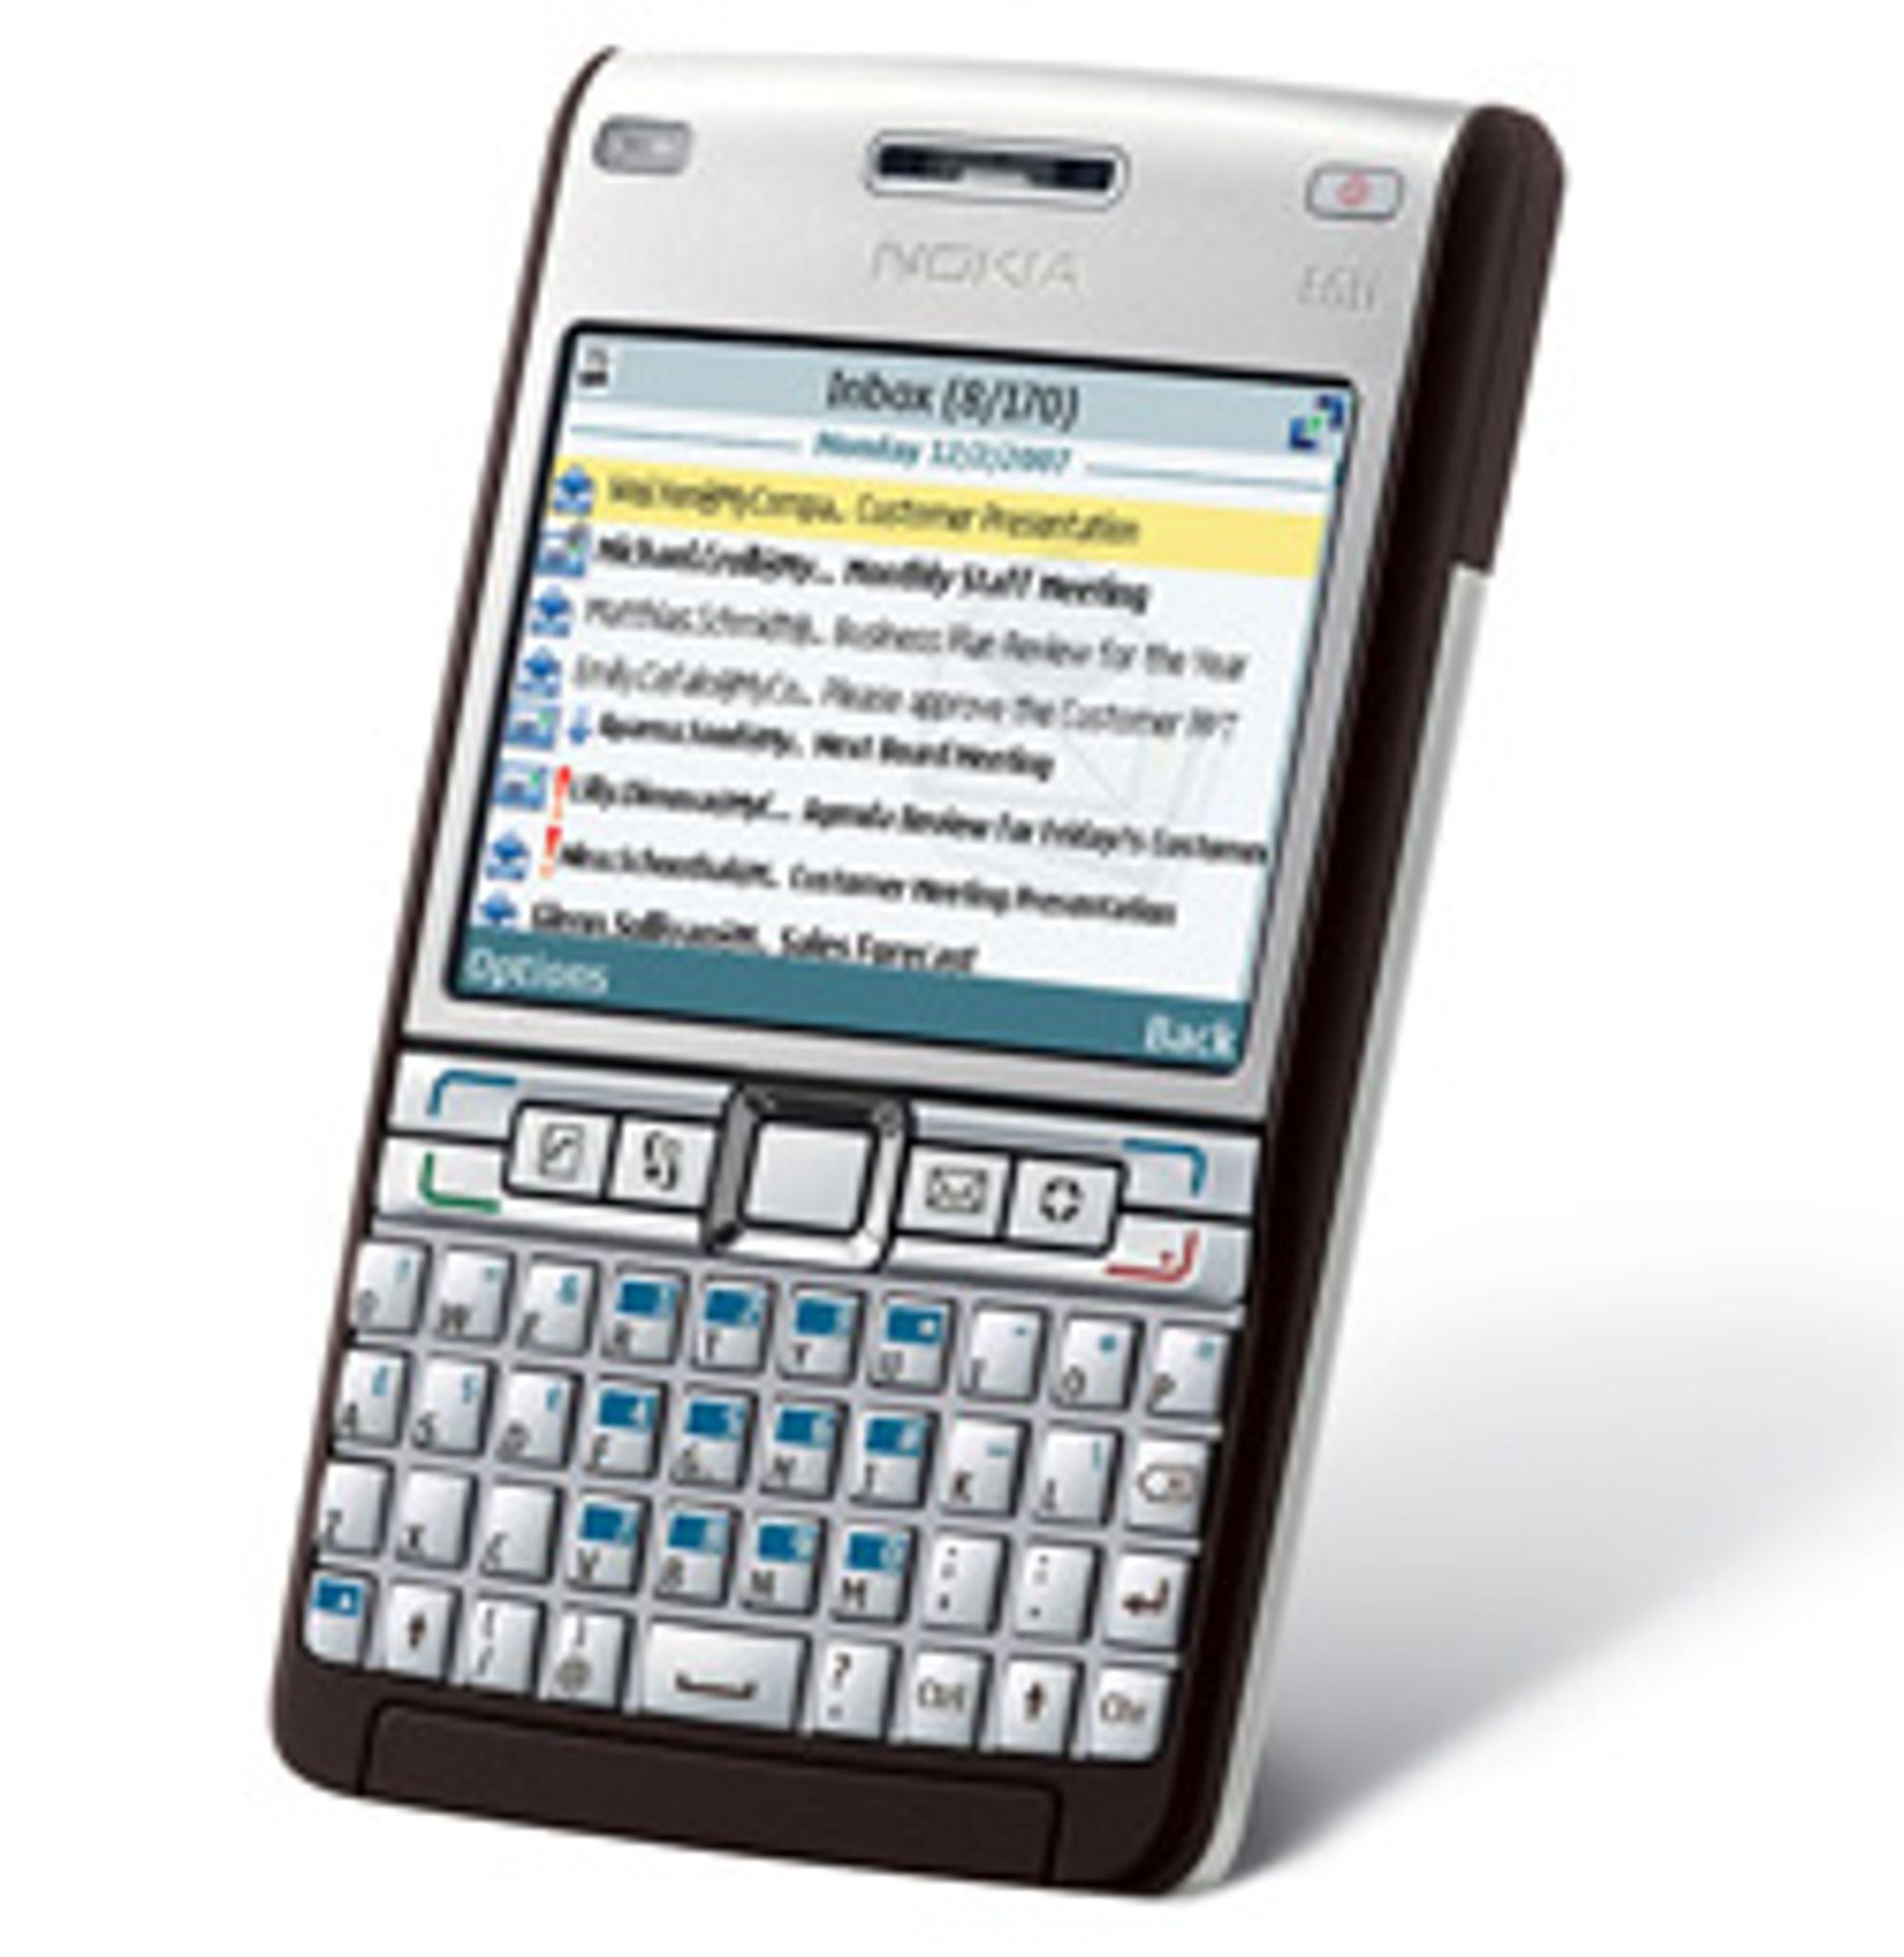 E61i kan få en etterkommer. (Foto: Nokia)